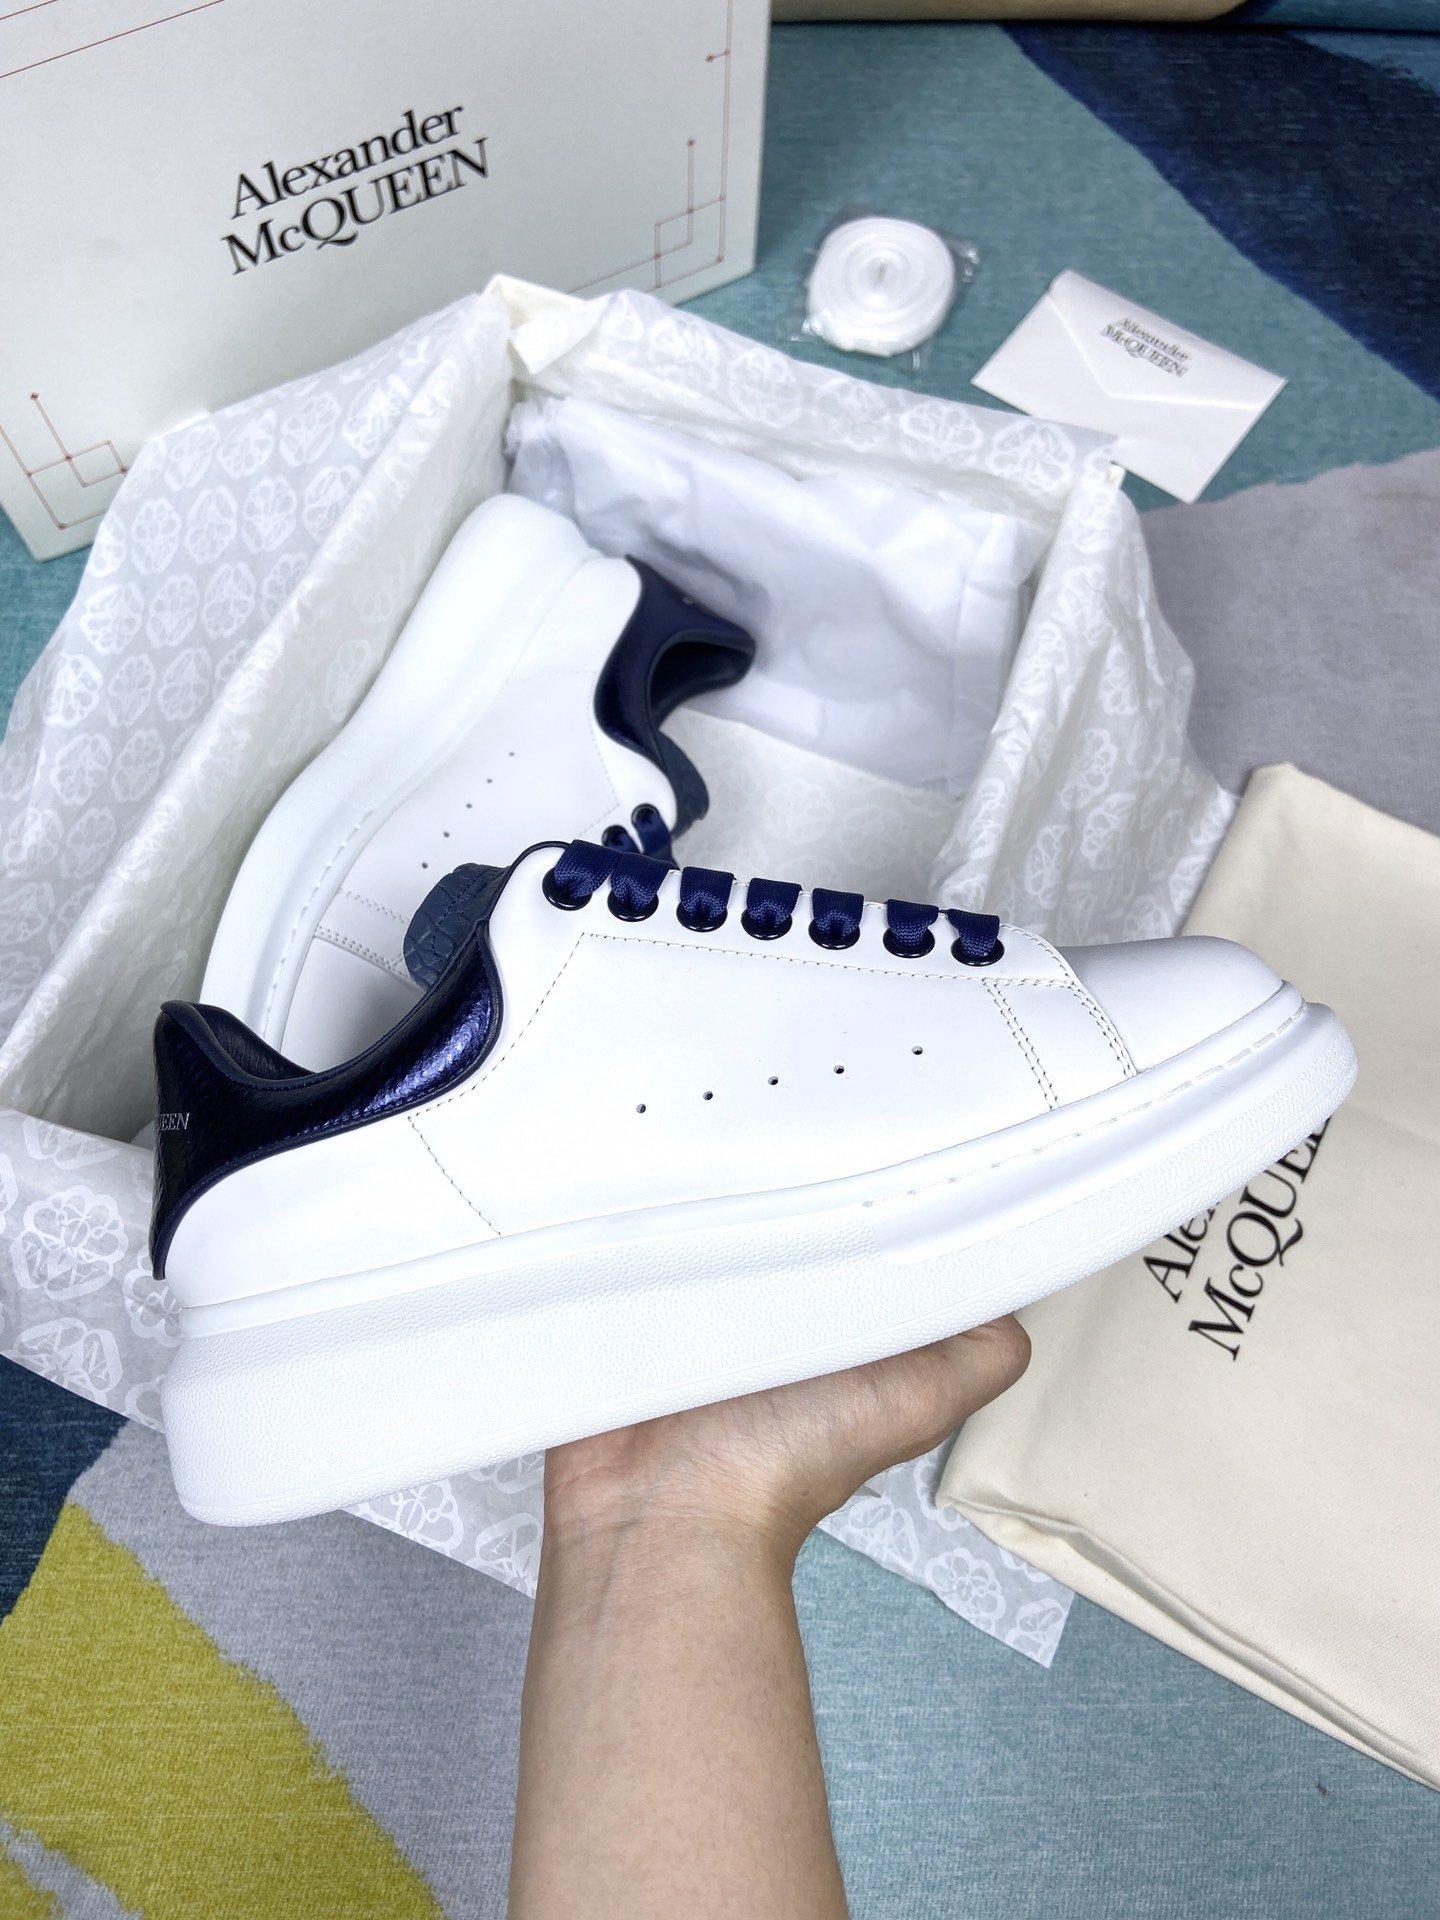 蓝色蛇皮尾MCQ小白鞋